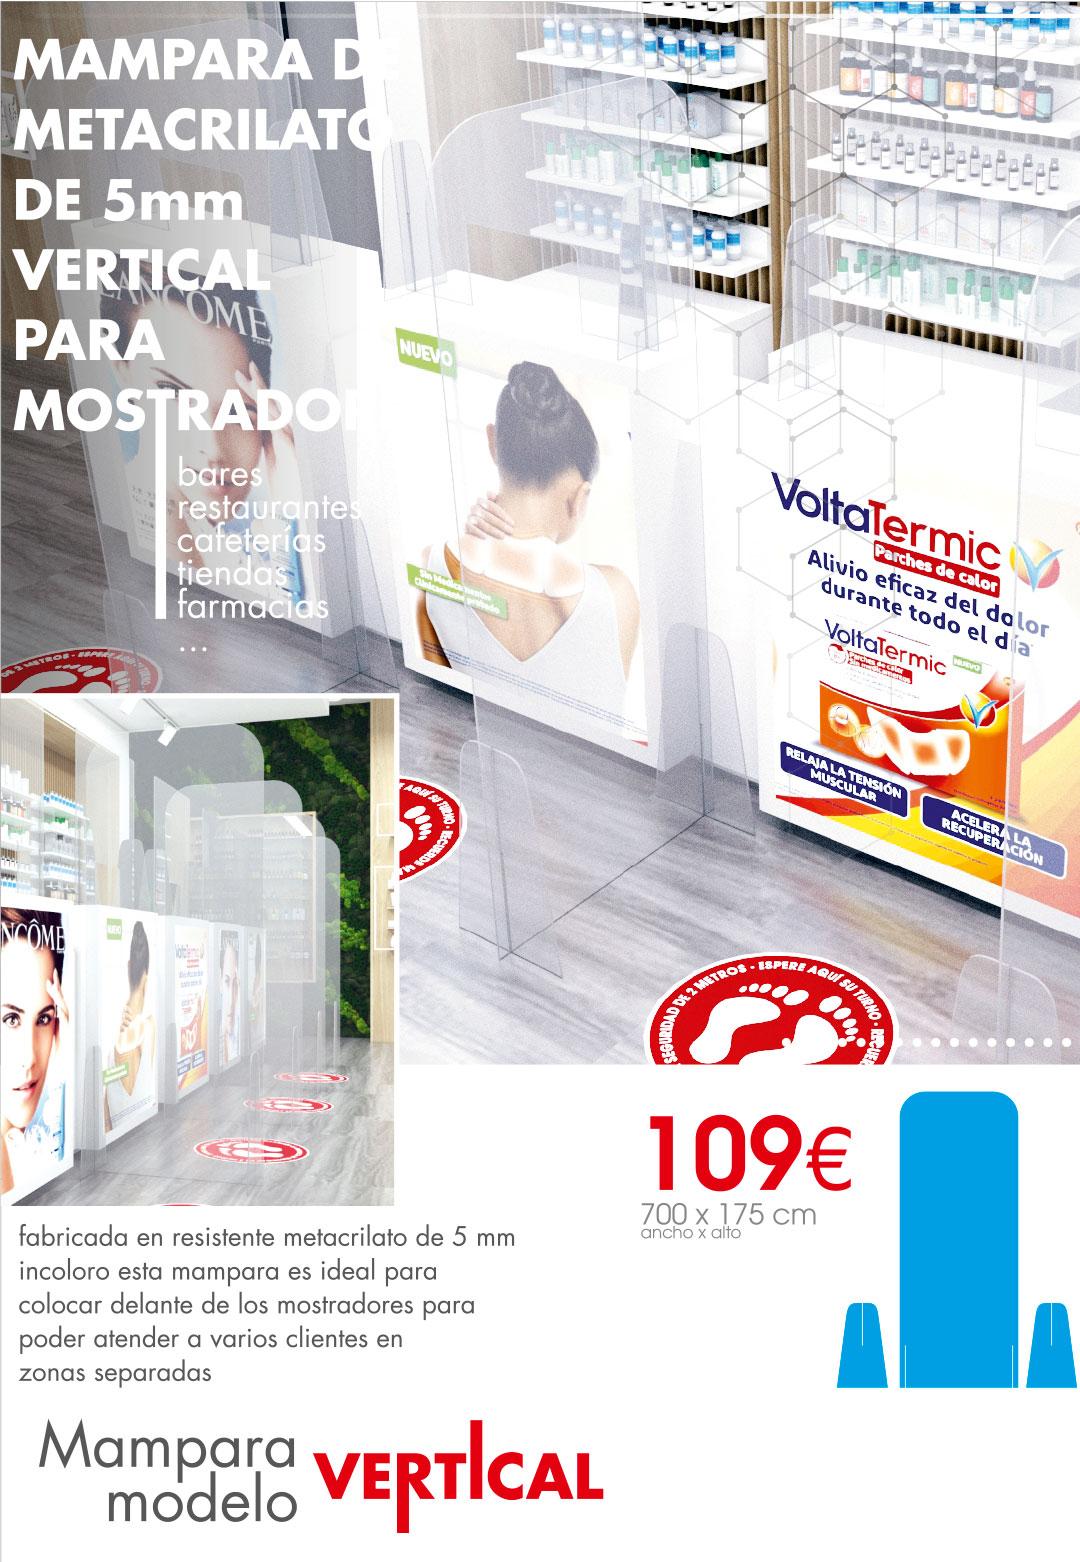 Mampara modelo vertical